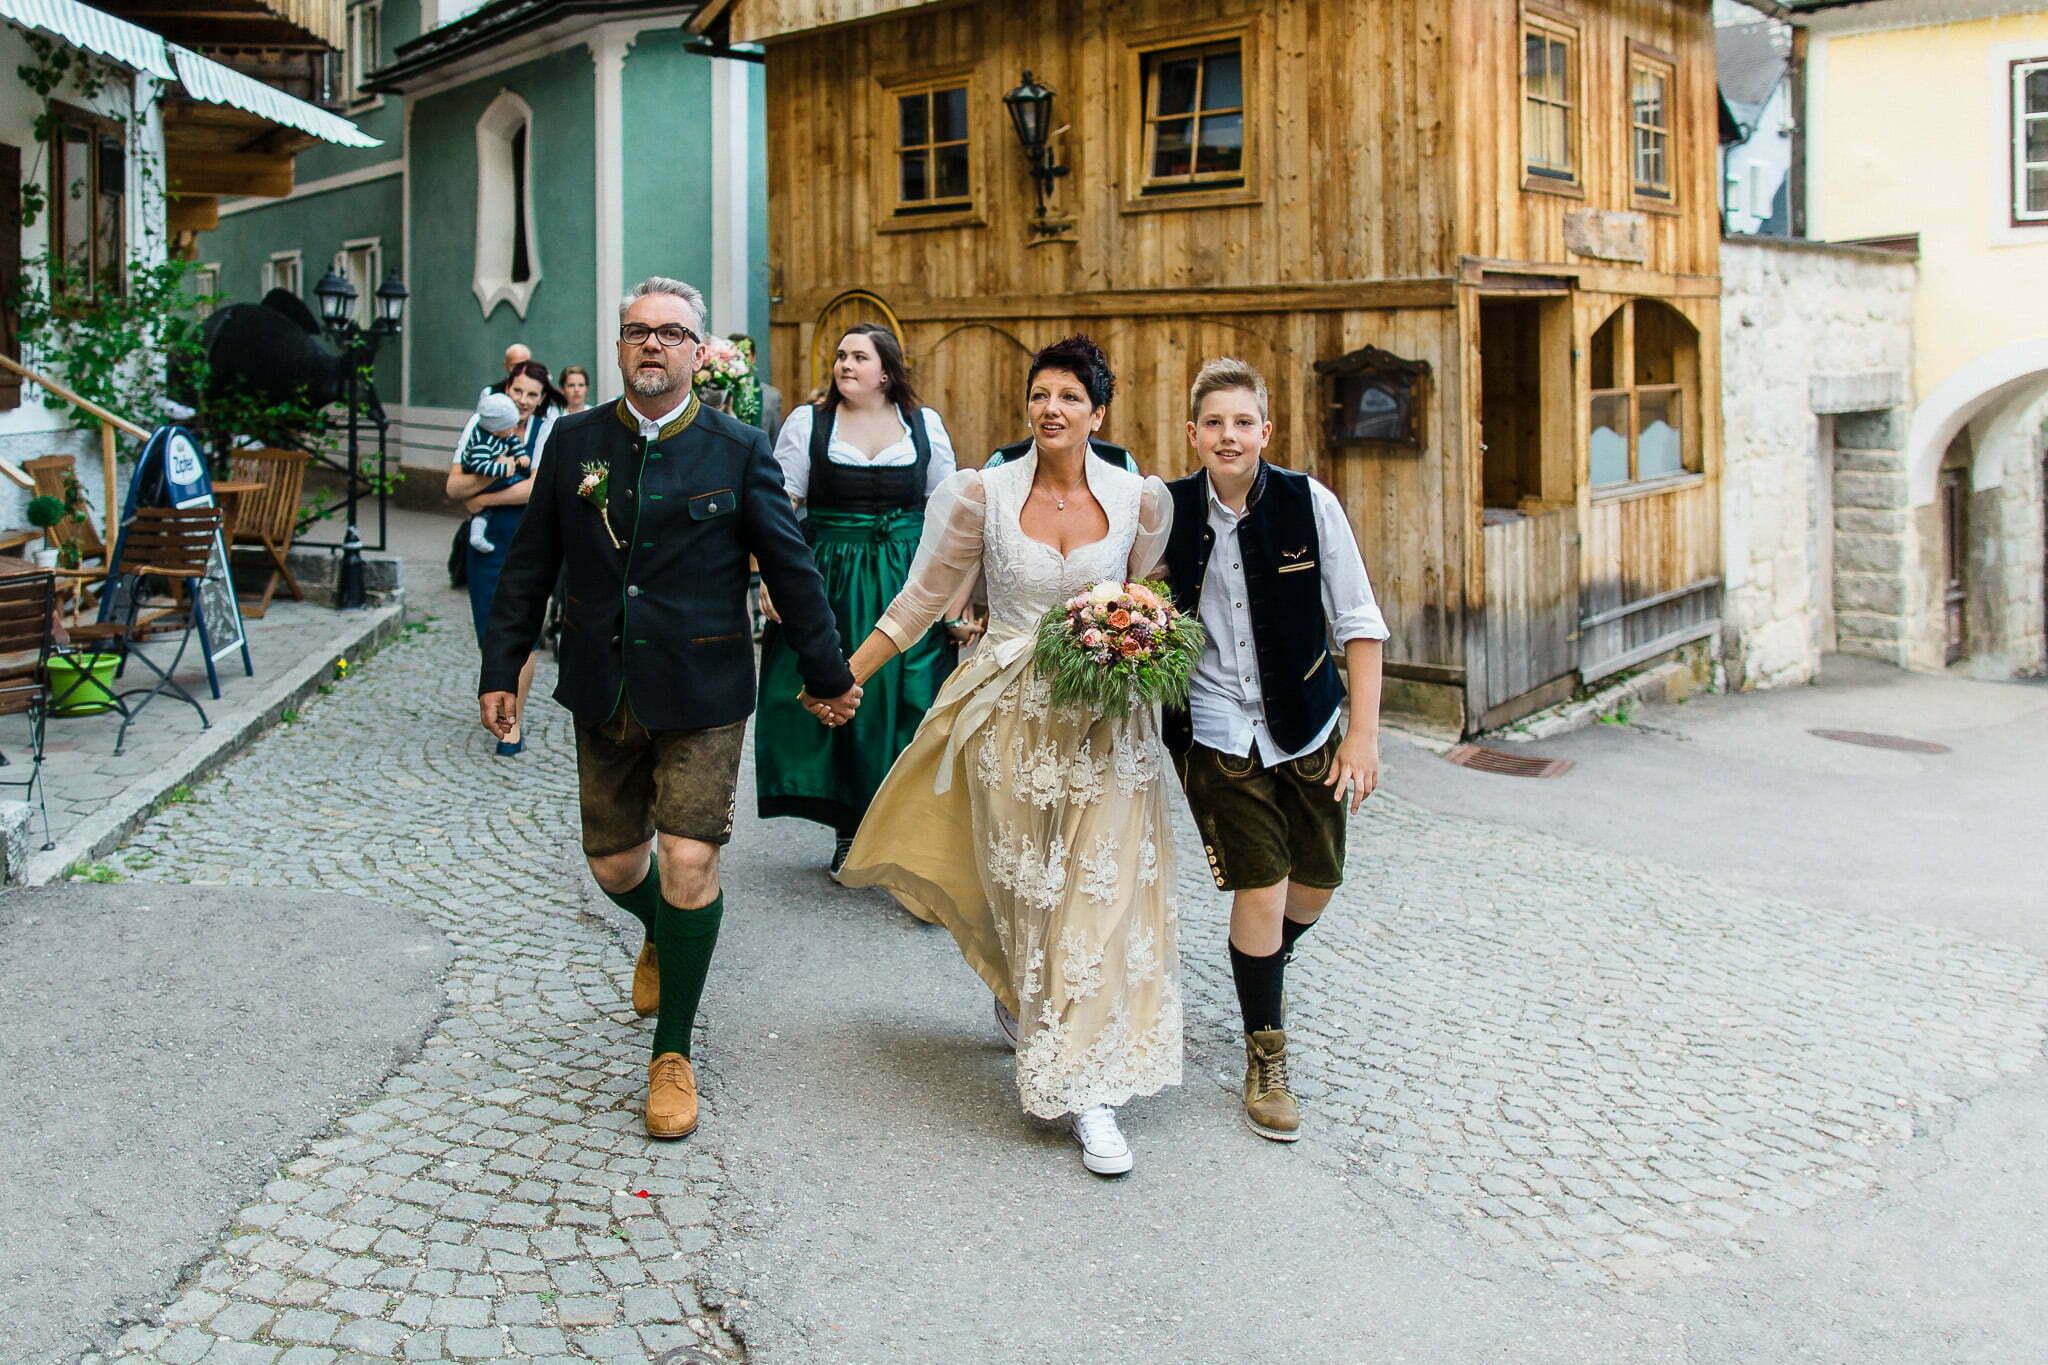 markus-schneeberger-photography-hochzeit-hallstadt-salzkammergut91